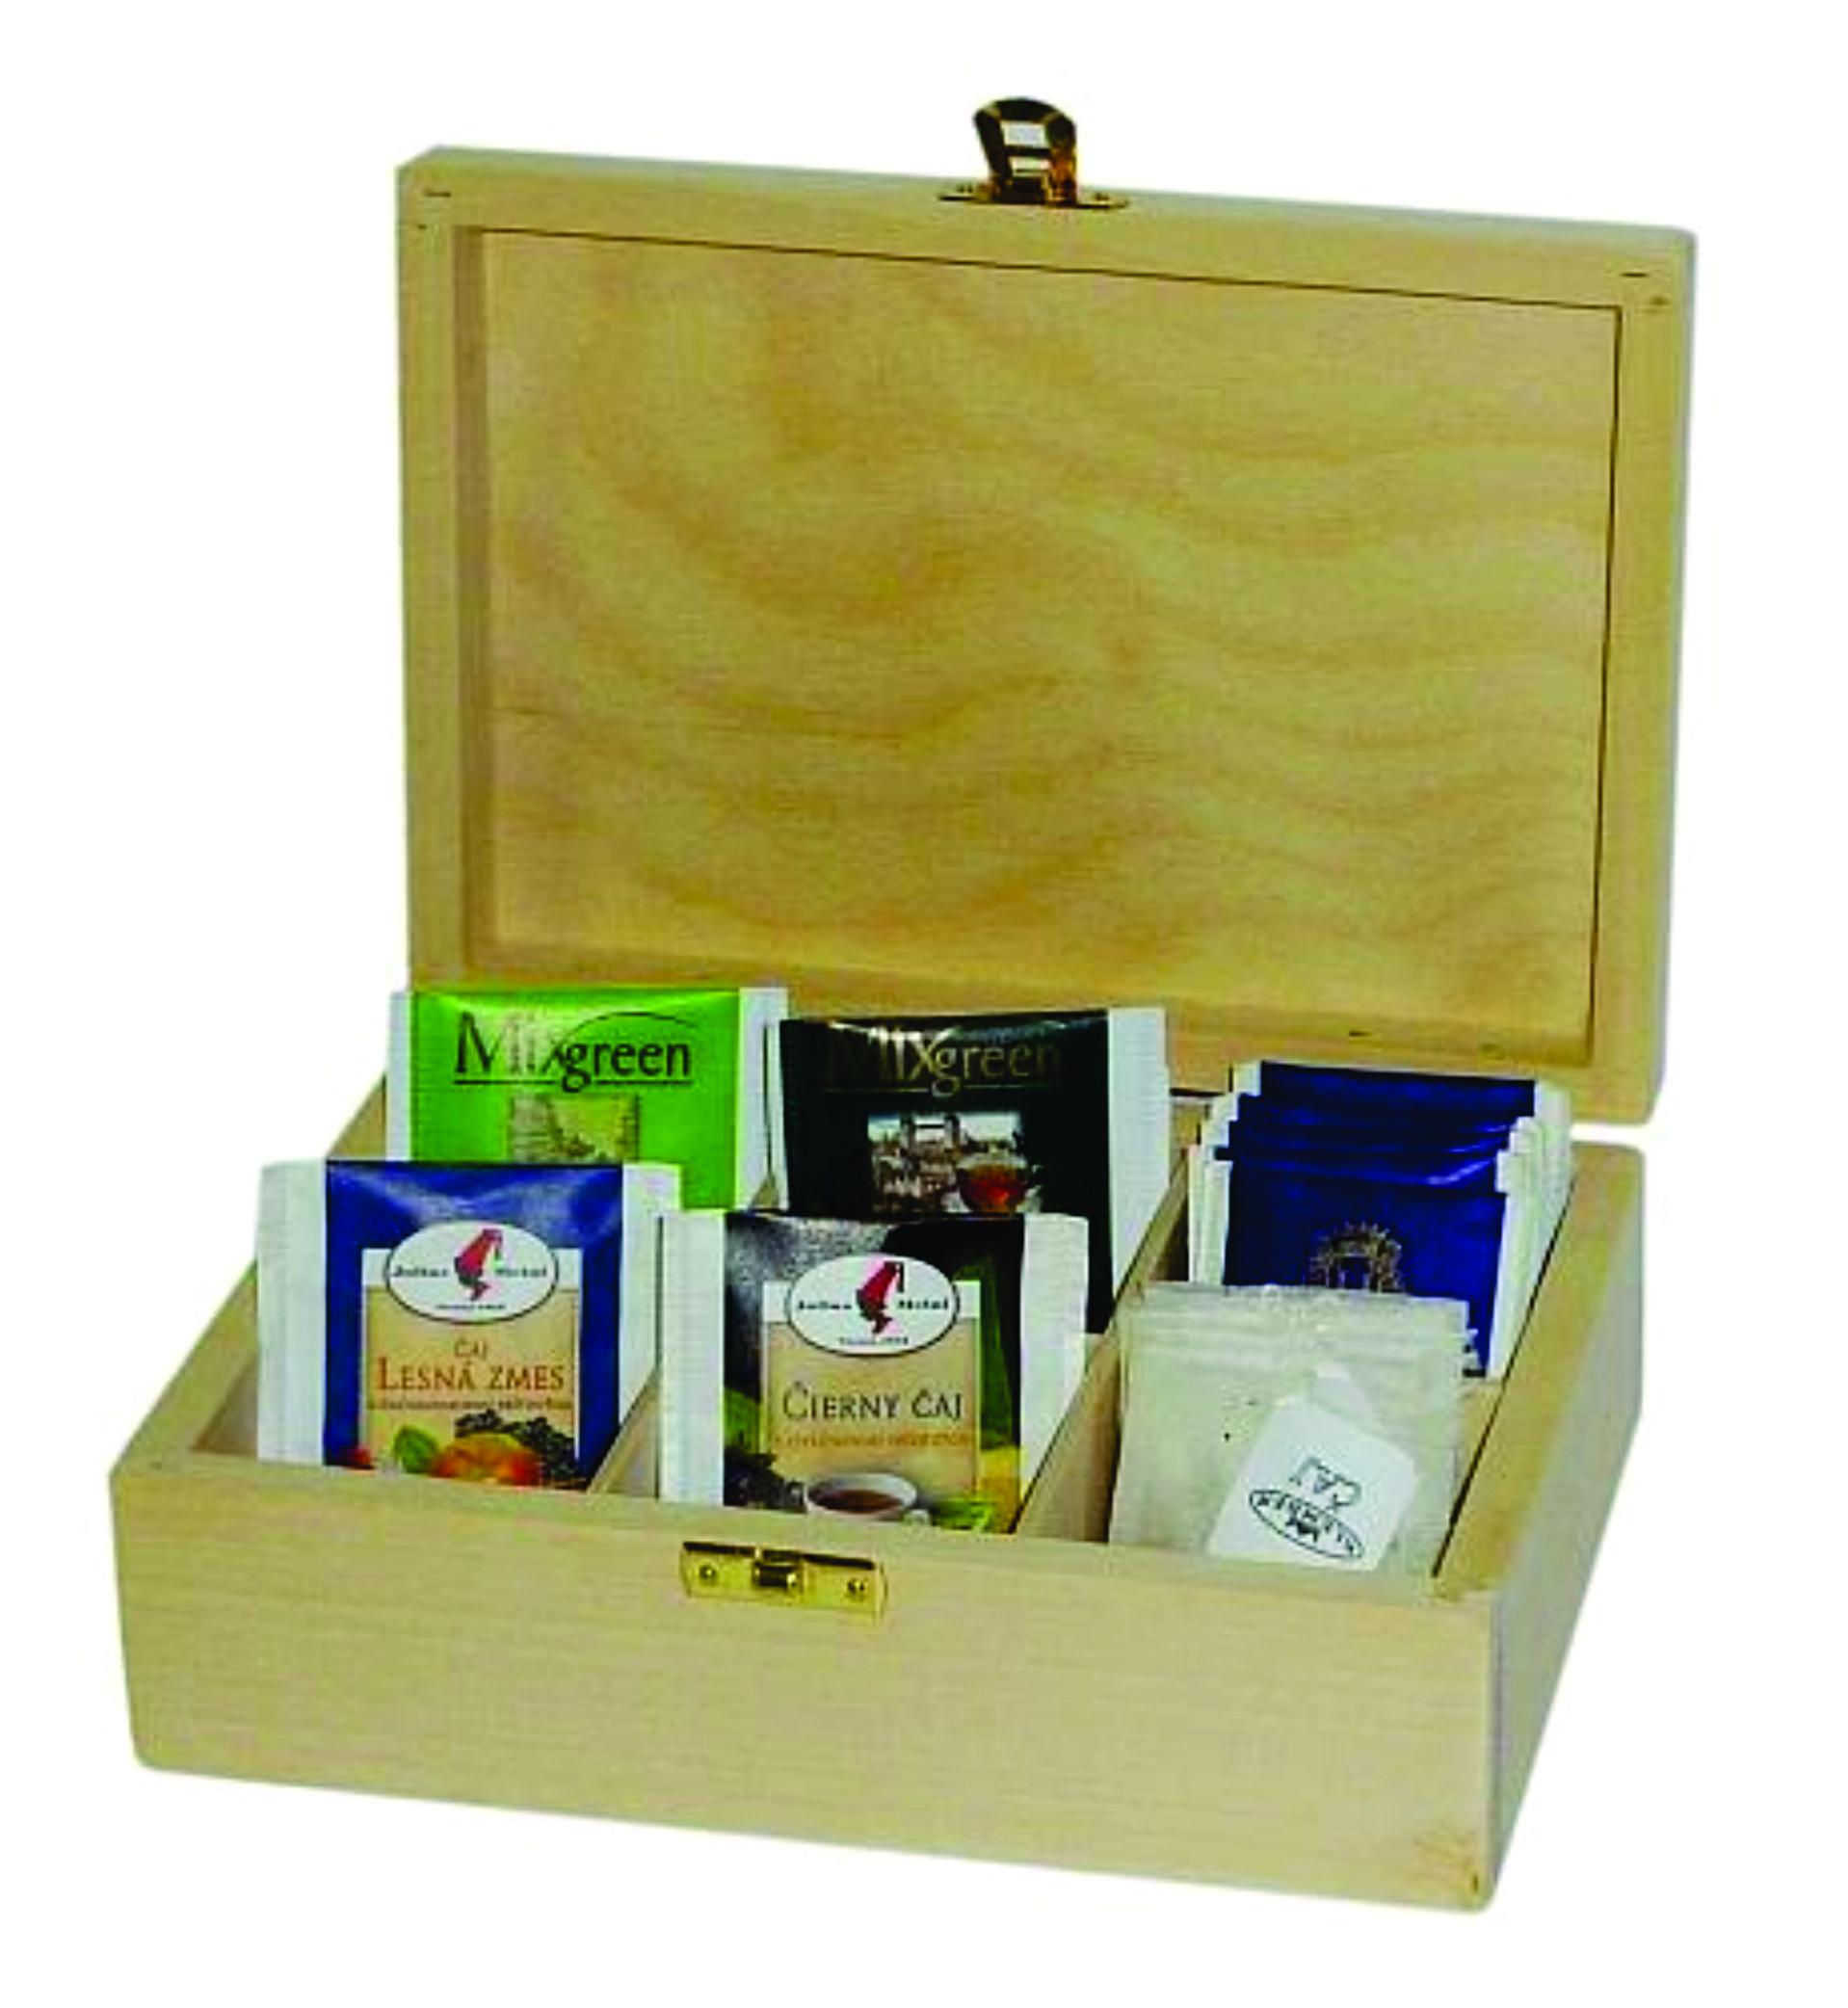 TEA6 Drevená kazeta na čaj, skladom